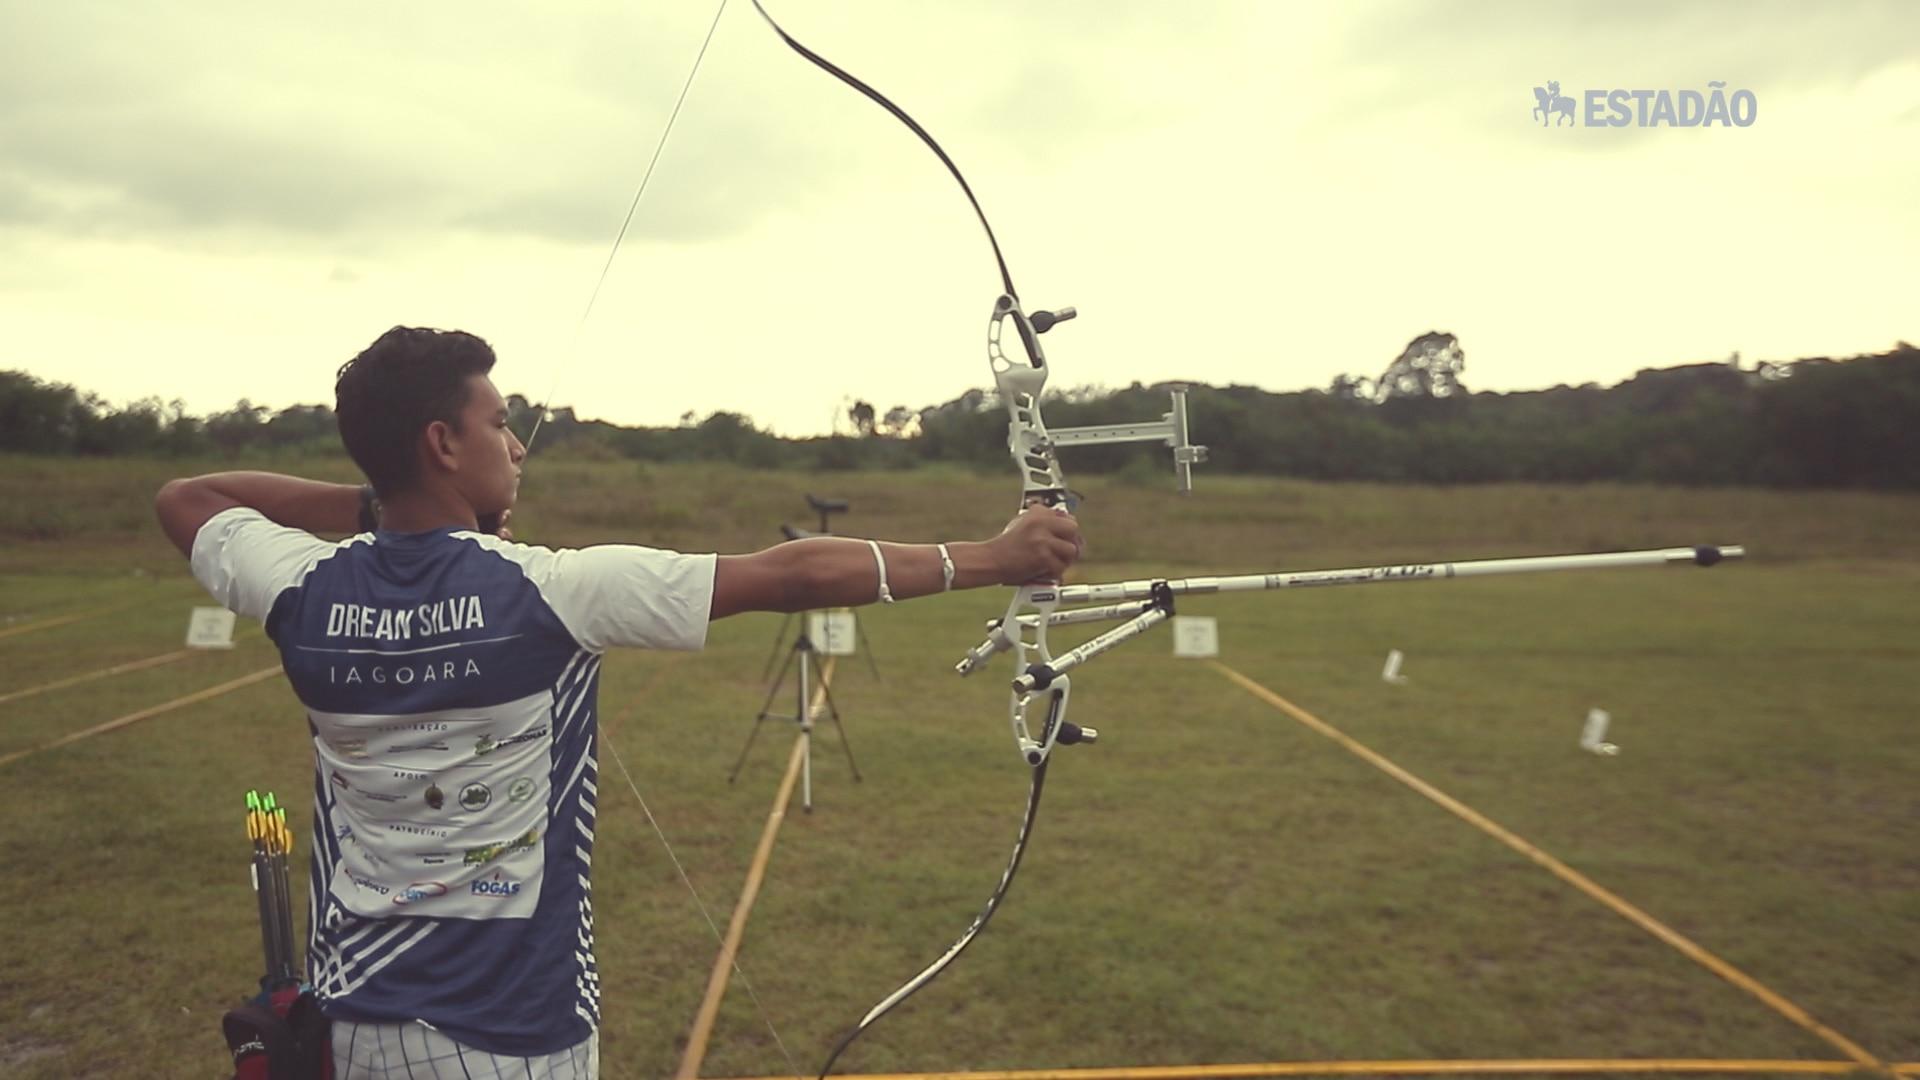 Indígenas tentam vaga inédita nos Jogos Olímpicos do Rio